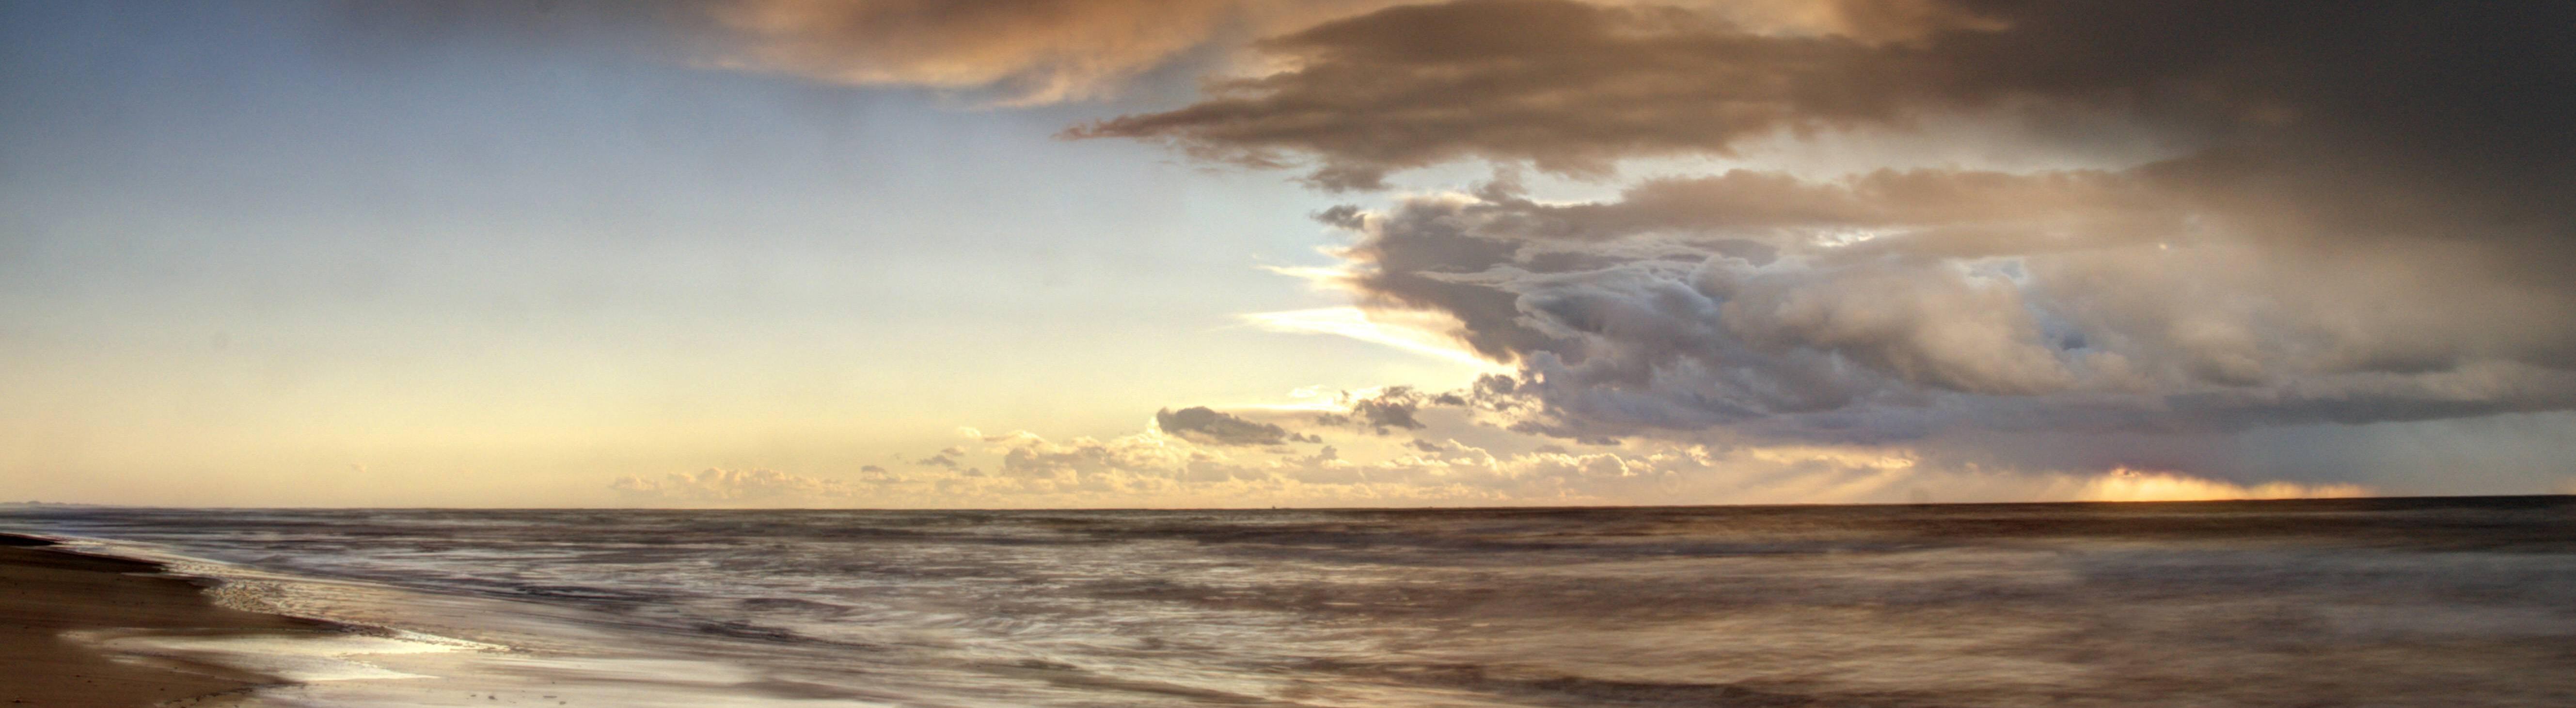 Nordseekueste mit dramatischen Wolken, Niederlande,